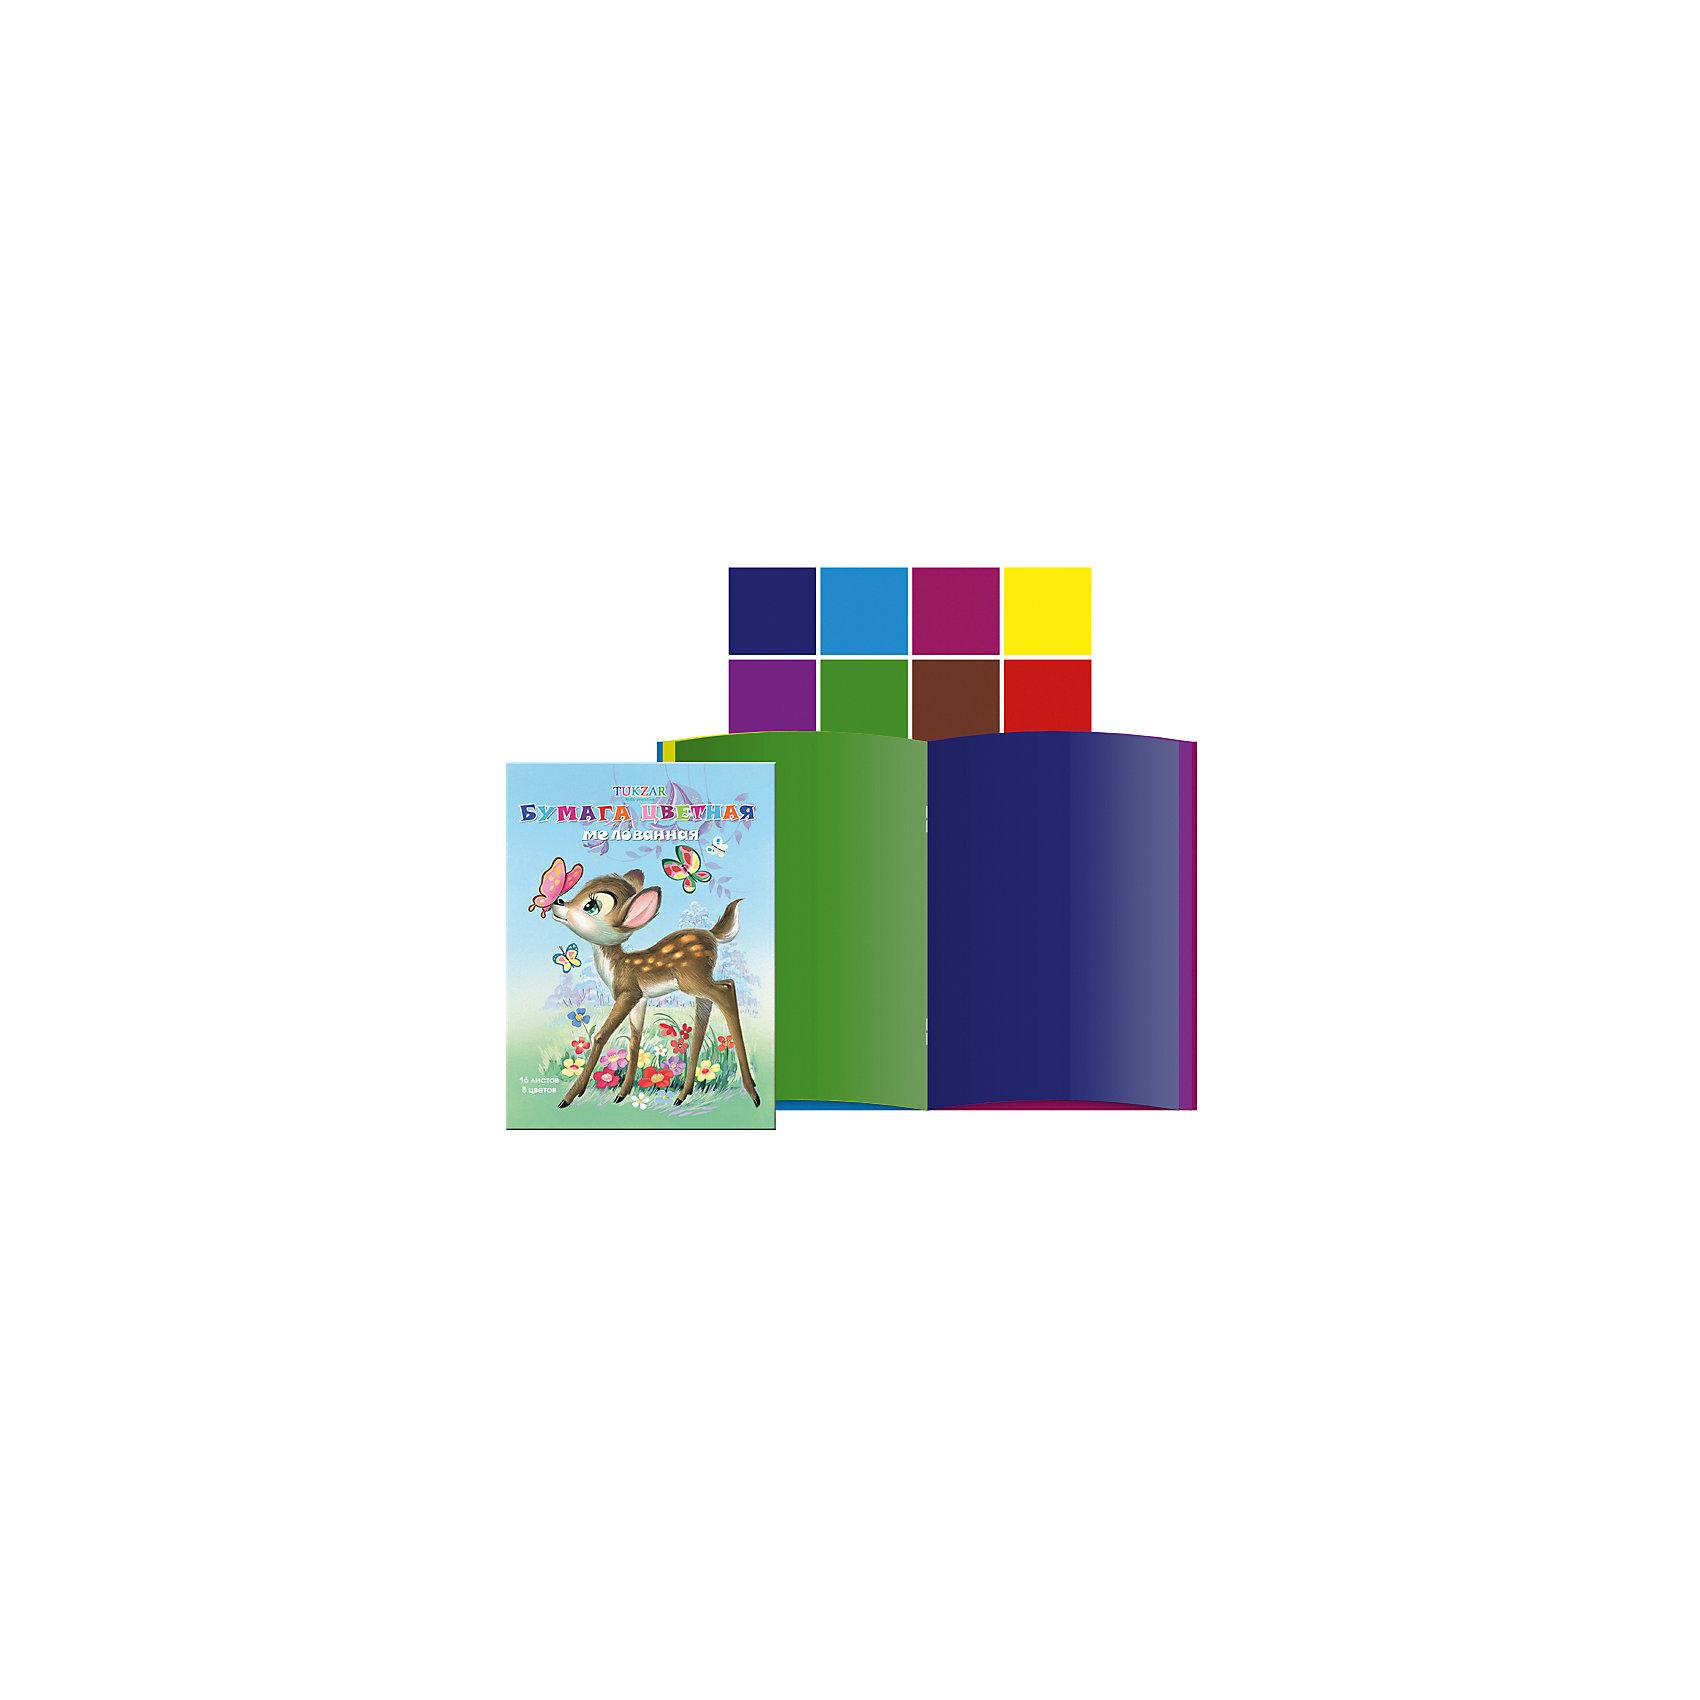 Цветная бумага А4, 8 цветов, 16 листовЦветная бумага – важный и частый пункт в списке школьных покупок. Цветную бумагу используют для декорирования, моделирования и аппликации. Бумага быстро заканчивается, поэтому можно выбрать понравившуюся модель и докупать при необходимости только ее, а не тратить время на поиски новой. Цветная бумага от компании Tukzar  понравится всем детям и их мамам. У бумаги удобная плотность для складывания и разрезания, а так же яркие и насыщенные цвета. Все материалы, использованные при изготовлении, отвечают международным требованиям по качеству и безопасности.<br><br>Дополнительная информация: <br><br>количество цветов: 8 шт;<br>количество листов: 16;<br>формат: А4.<br><br>Цветную бумагу можно приобрести в нашем магазине.<br><br>Ширина мм: 100<br>Глубина мм: 100<br>Высота мм: 10<br>Вес г: 50<br>Возраст от месяцев: 36<br>Возраст до месяцев: 120<br>Пол: Унисекс<br>Возраст: Детский<br>SKU: 4993571